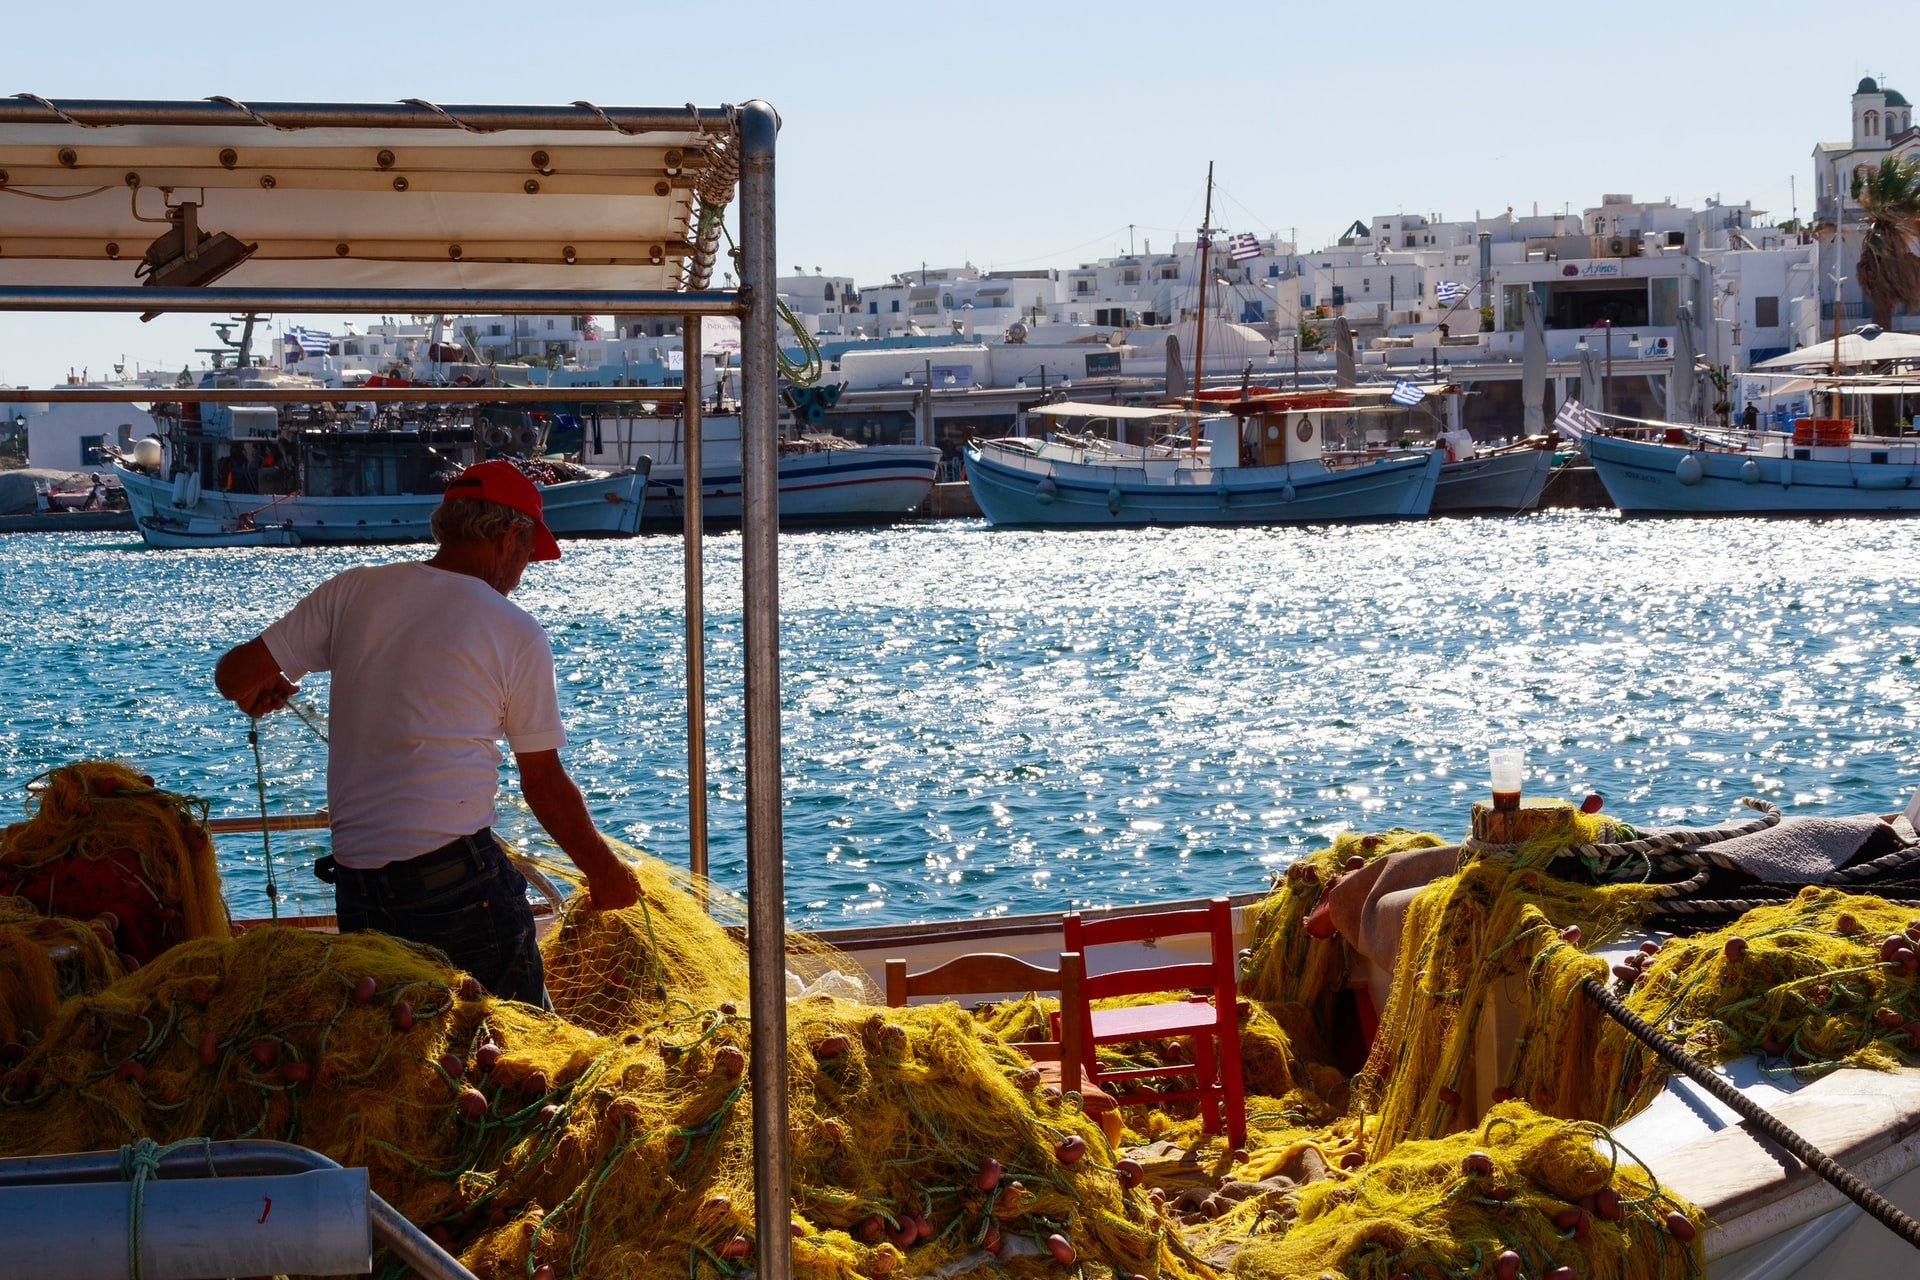 La pesca del pesce spada nella Riviera ligure